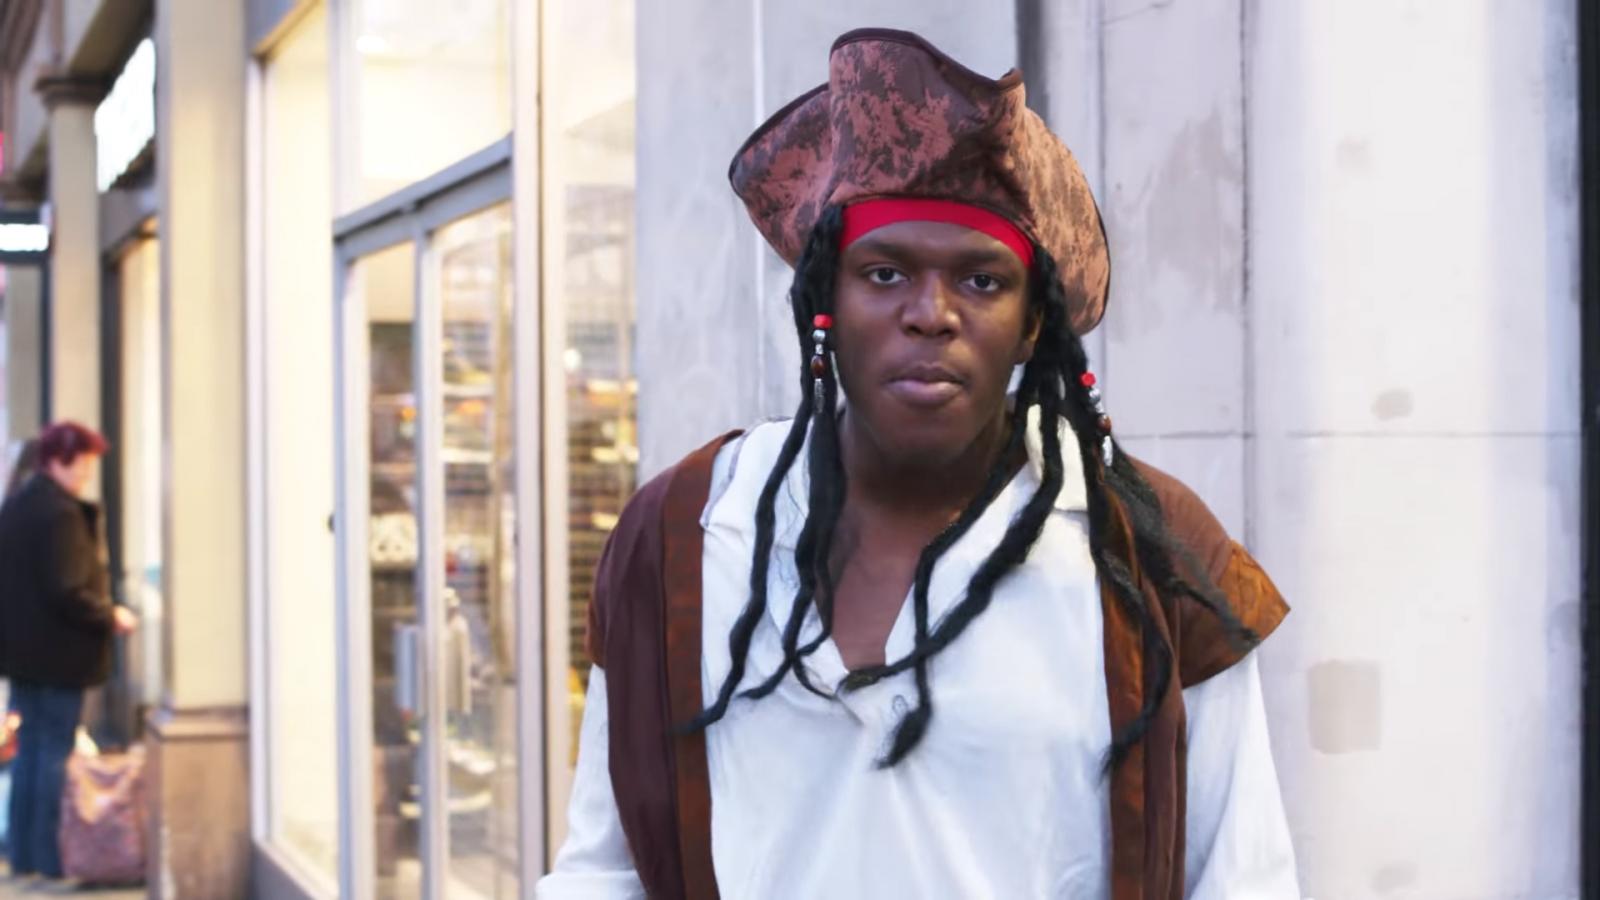 KSI piracy apology